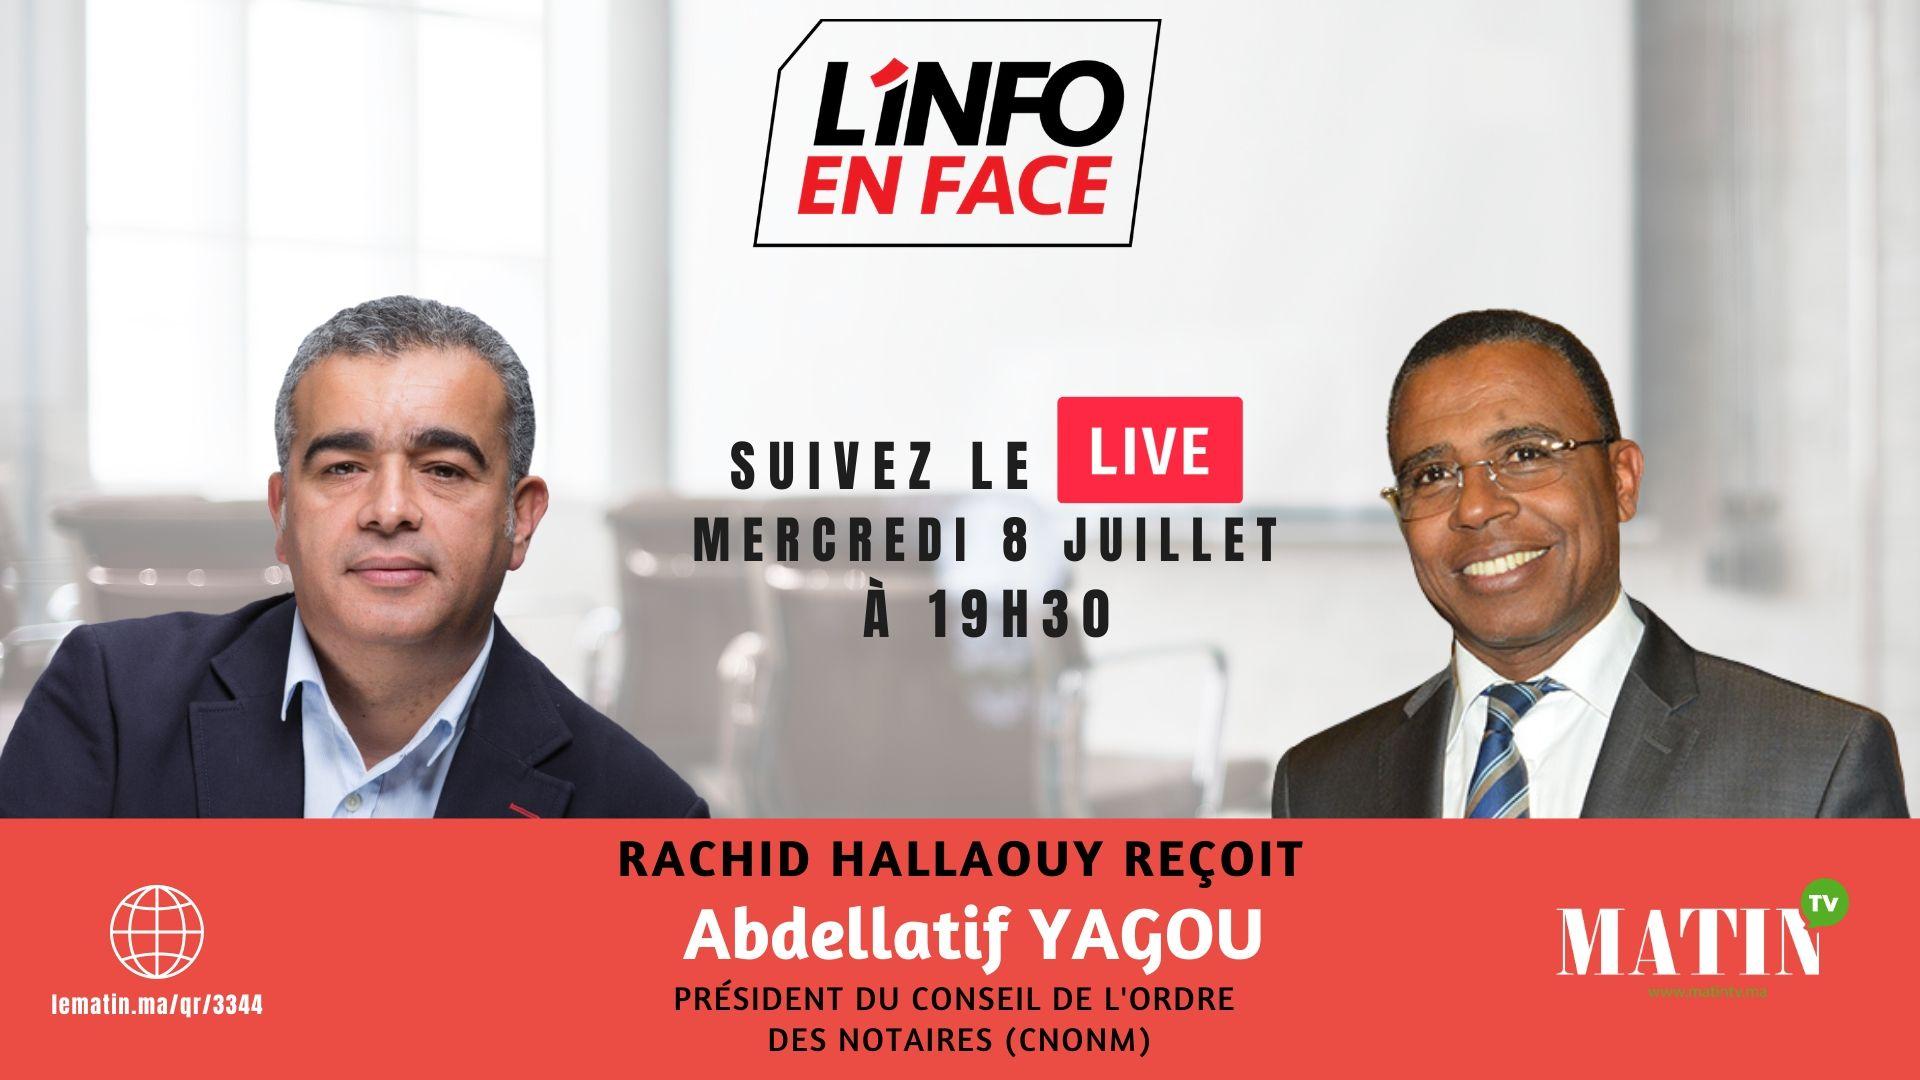 Live : L'Info en Face avec Abdellatif Yagou